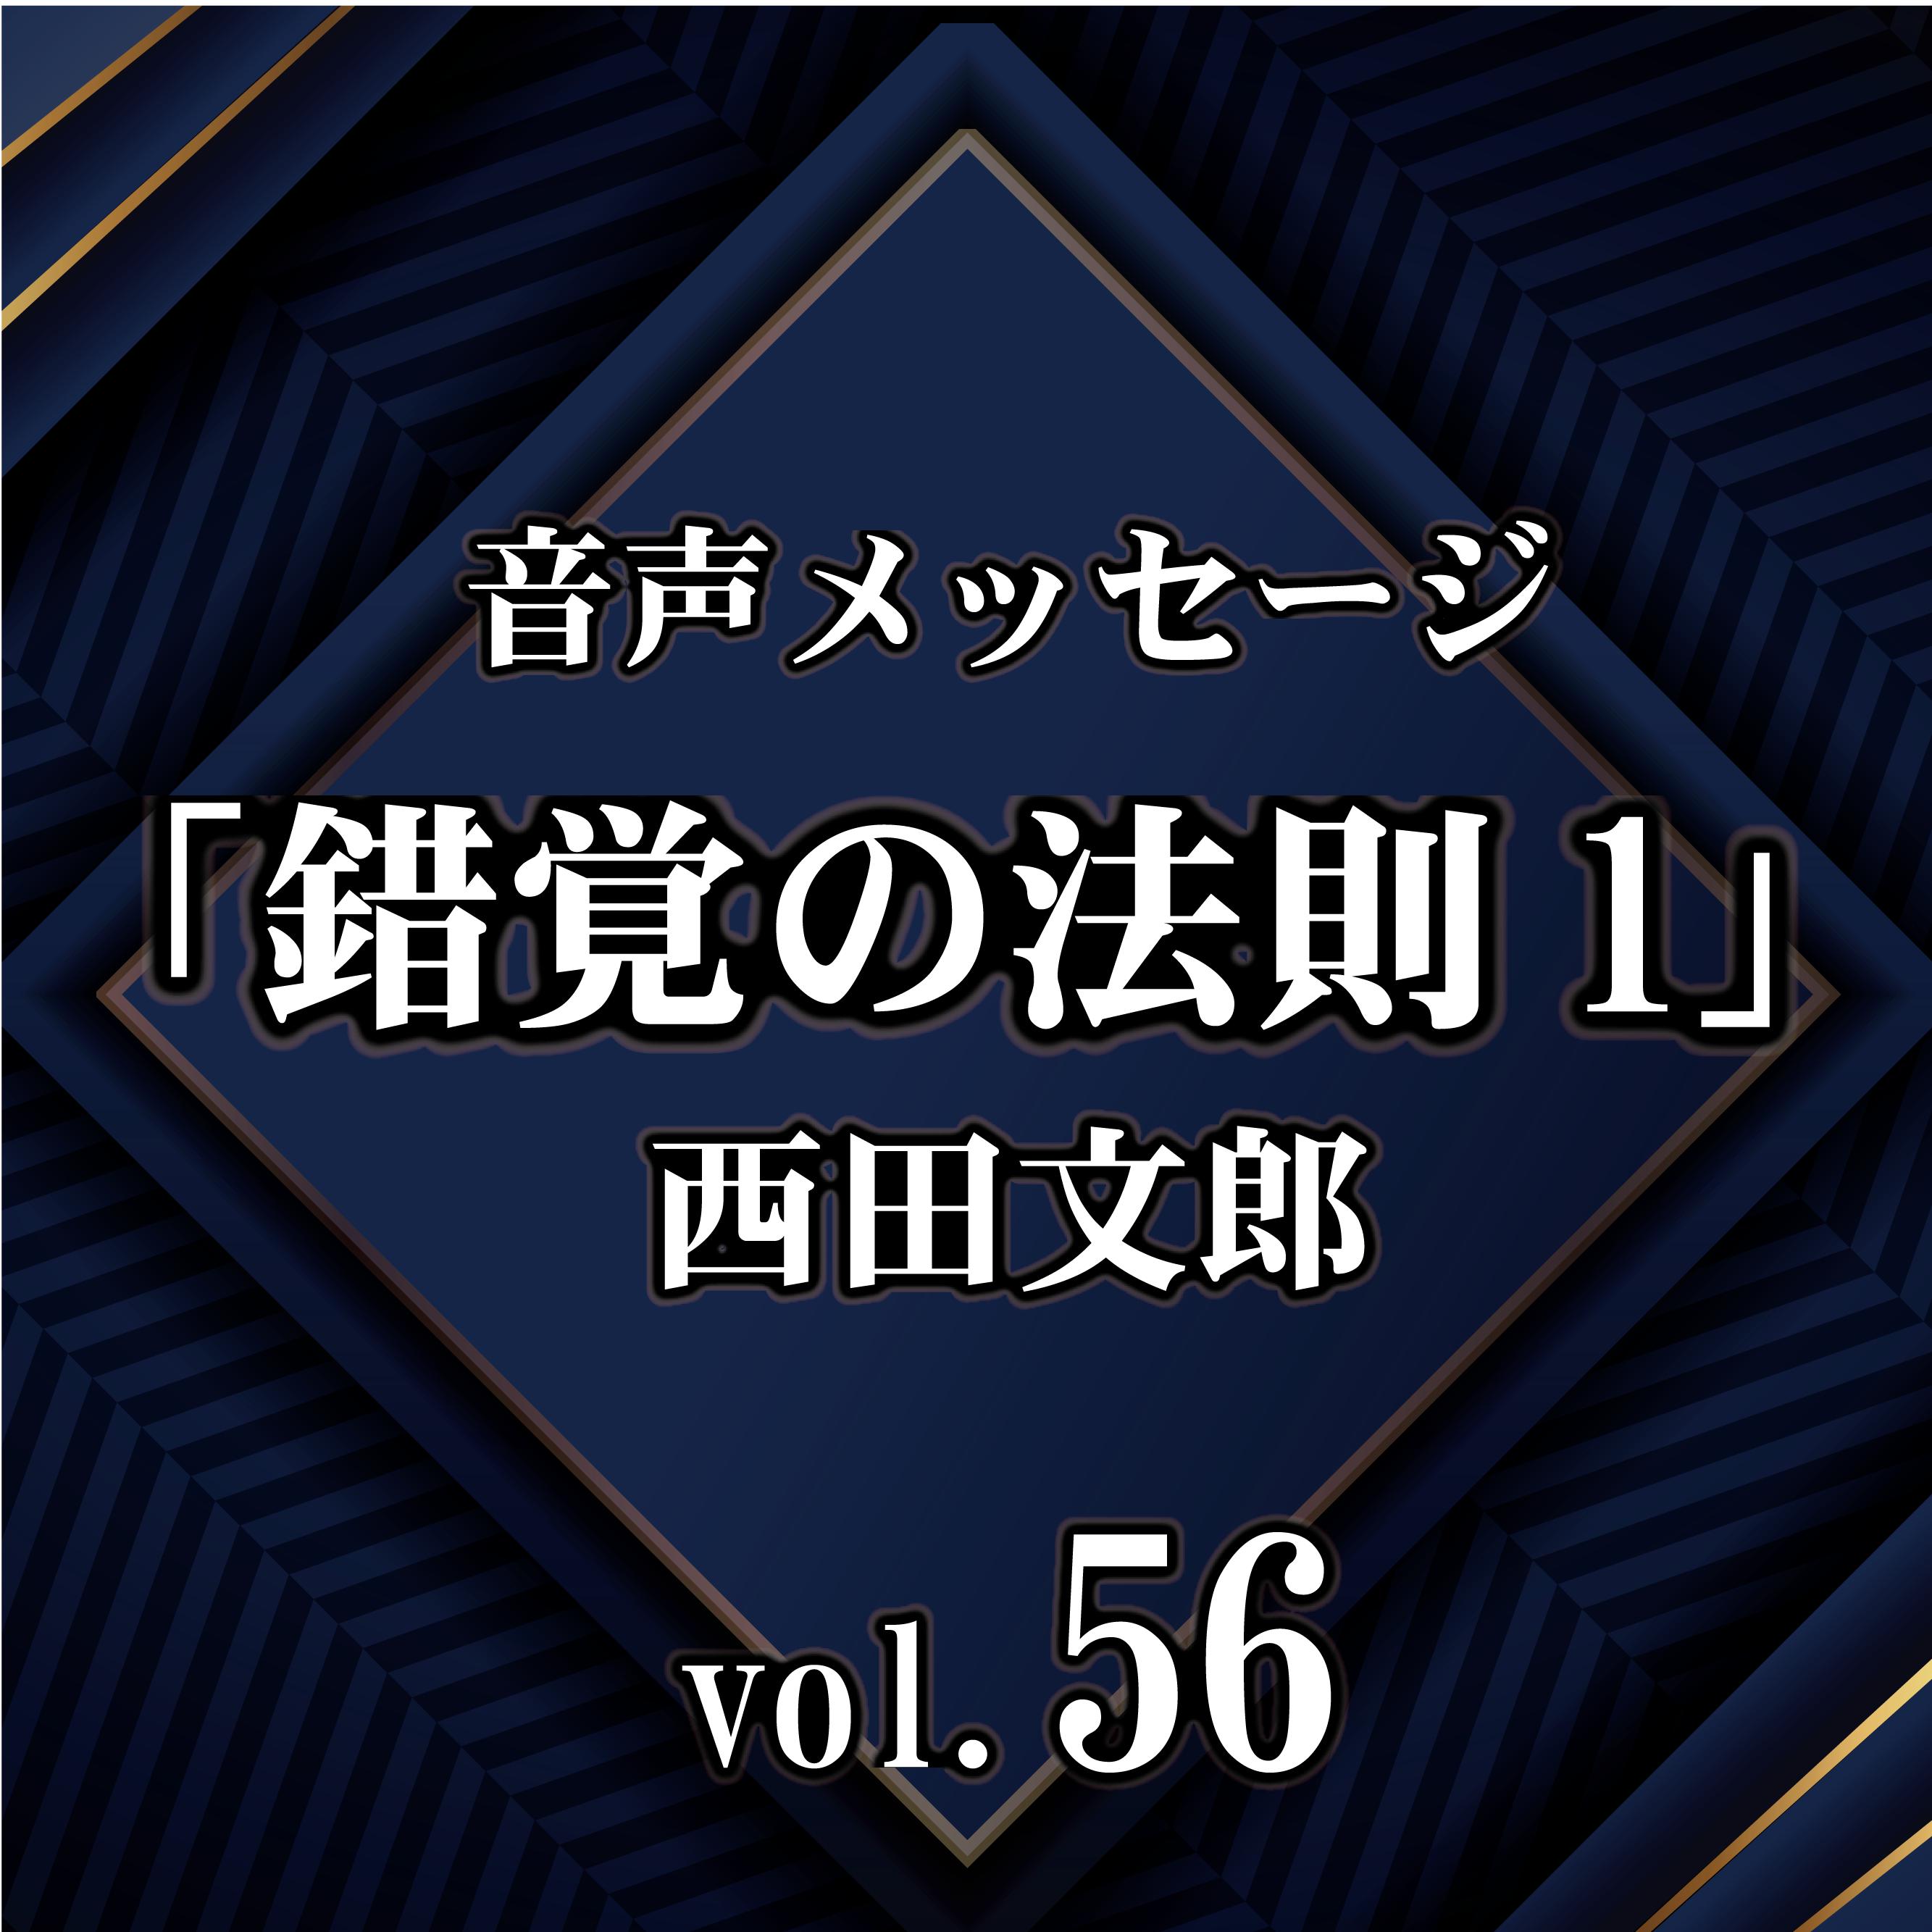 西田文郎 音声メッセージvol.56『錯覚の法則1』